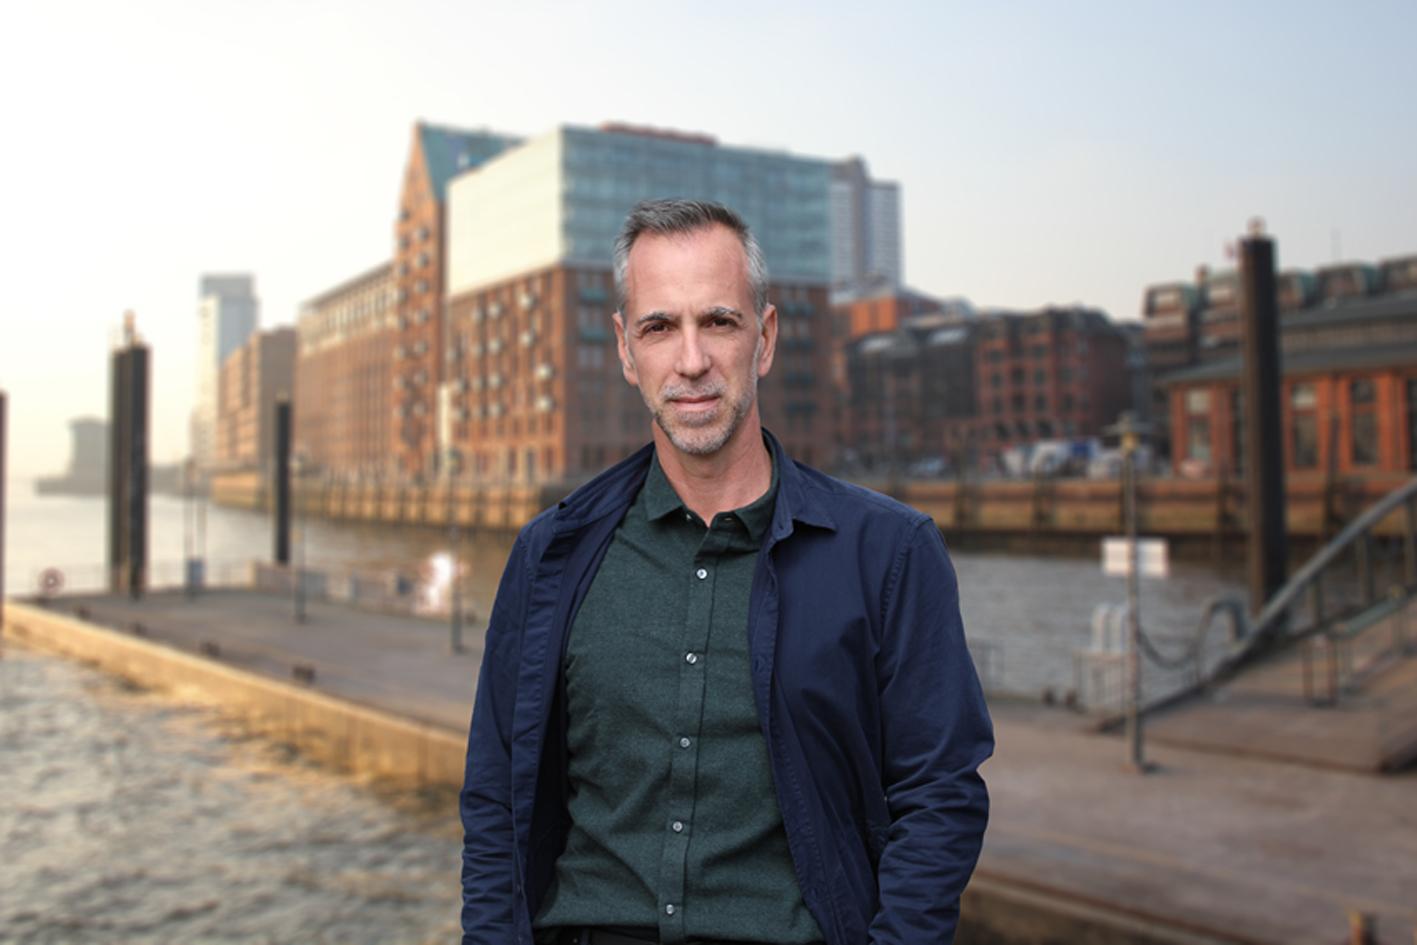 MarkusTirok klein - Bessere Fragen und gute Antworten im Interview #17 Markus Tirok